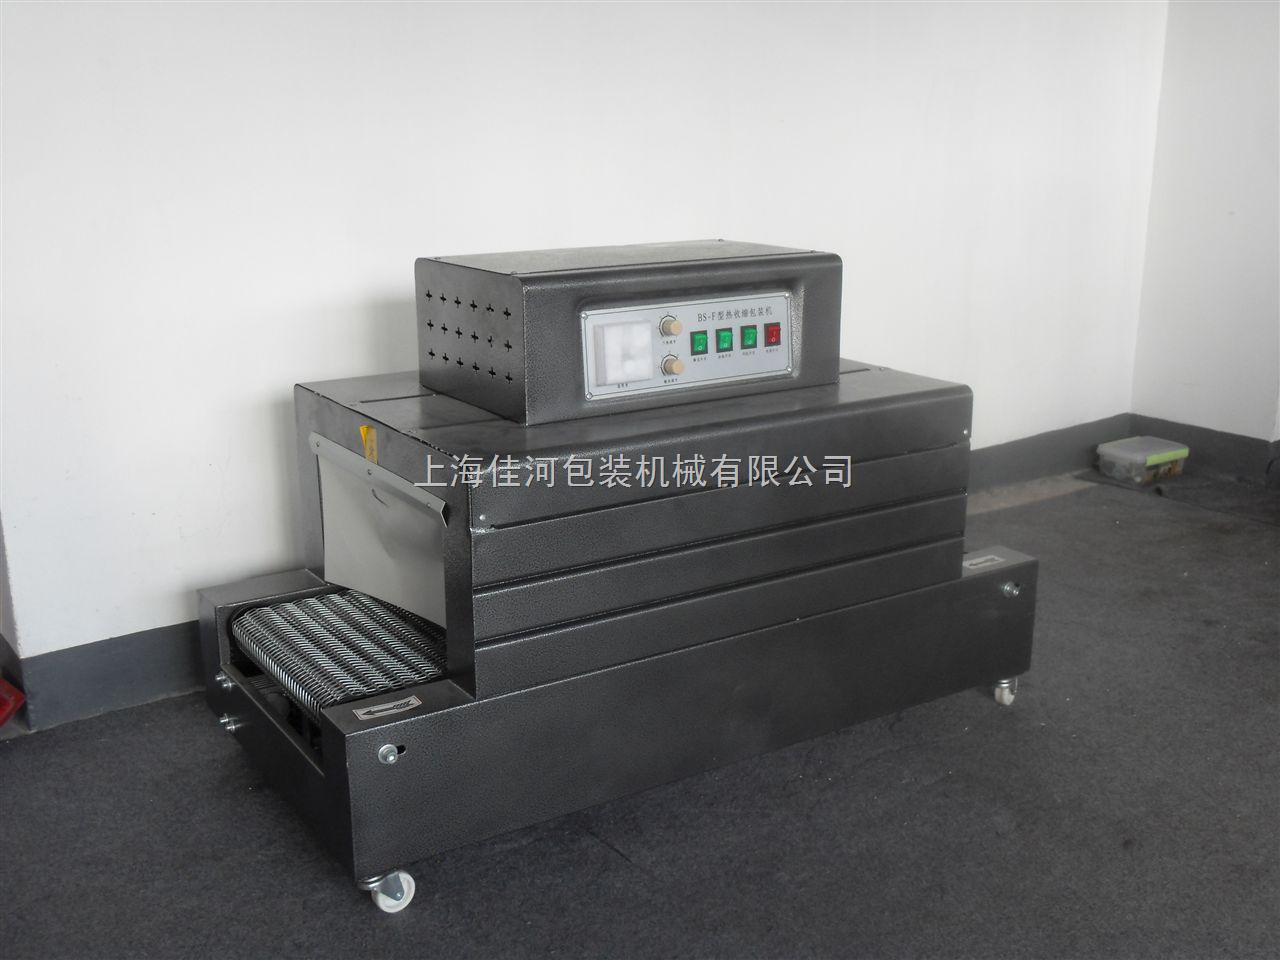 BS-400-�崾湛s包�b�C,上海�崾湛s包�b�C,�Y品盒�崾湛s